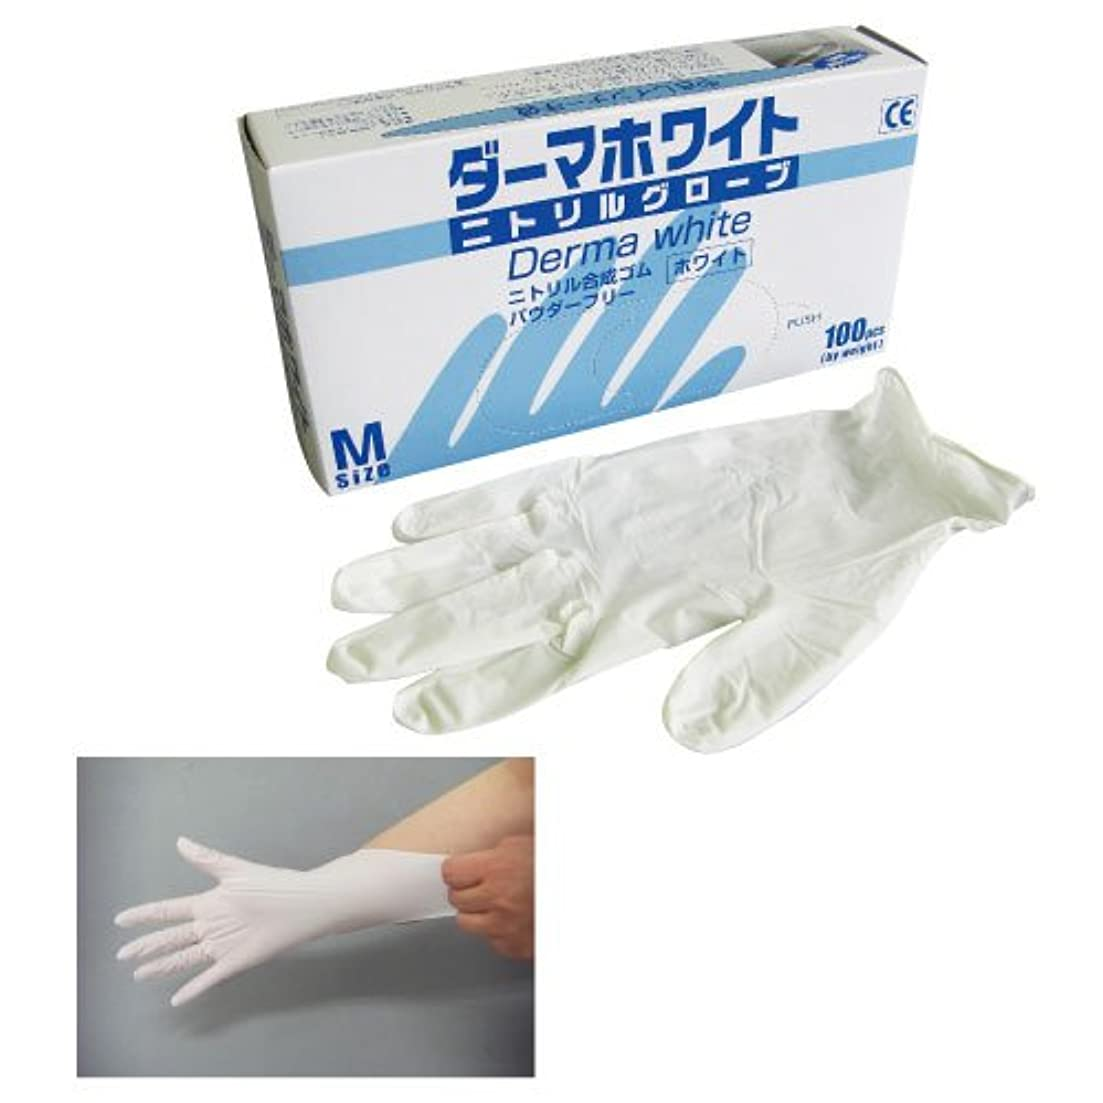 ヘリコプターボルト文明化するダーマホワイト ニトリル手袋PF ?????????????????PF(23-3770-03)GN01(L)100??